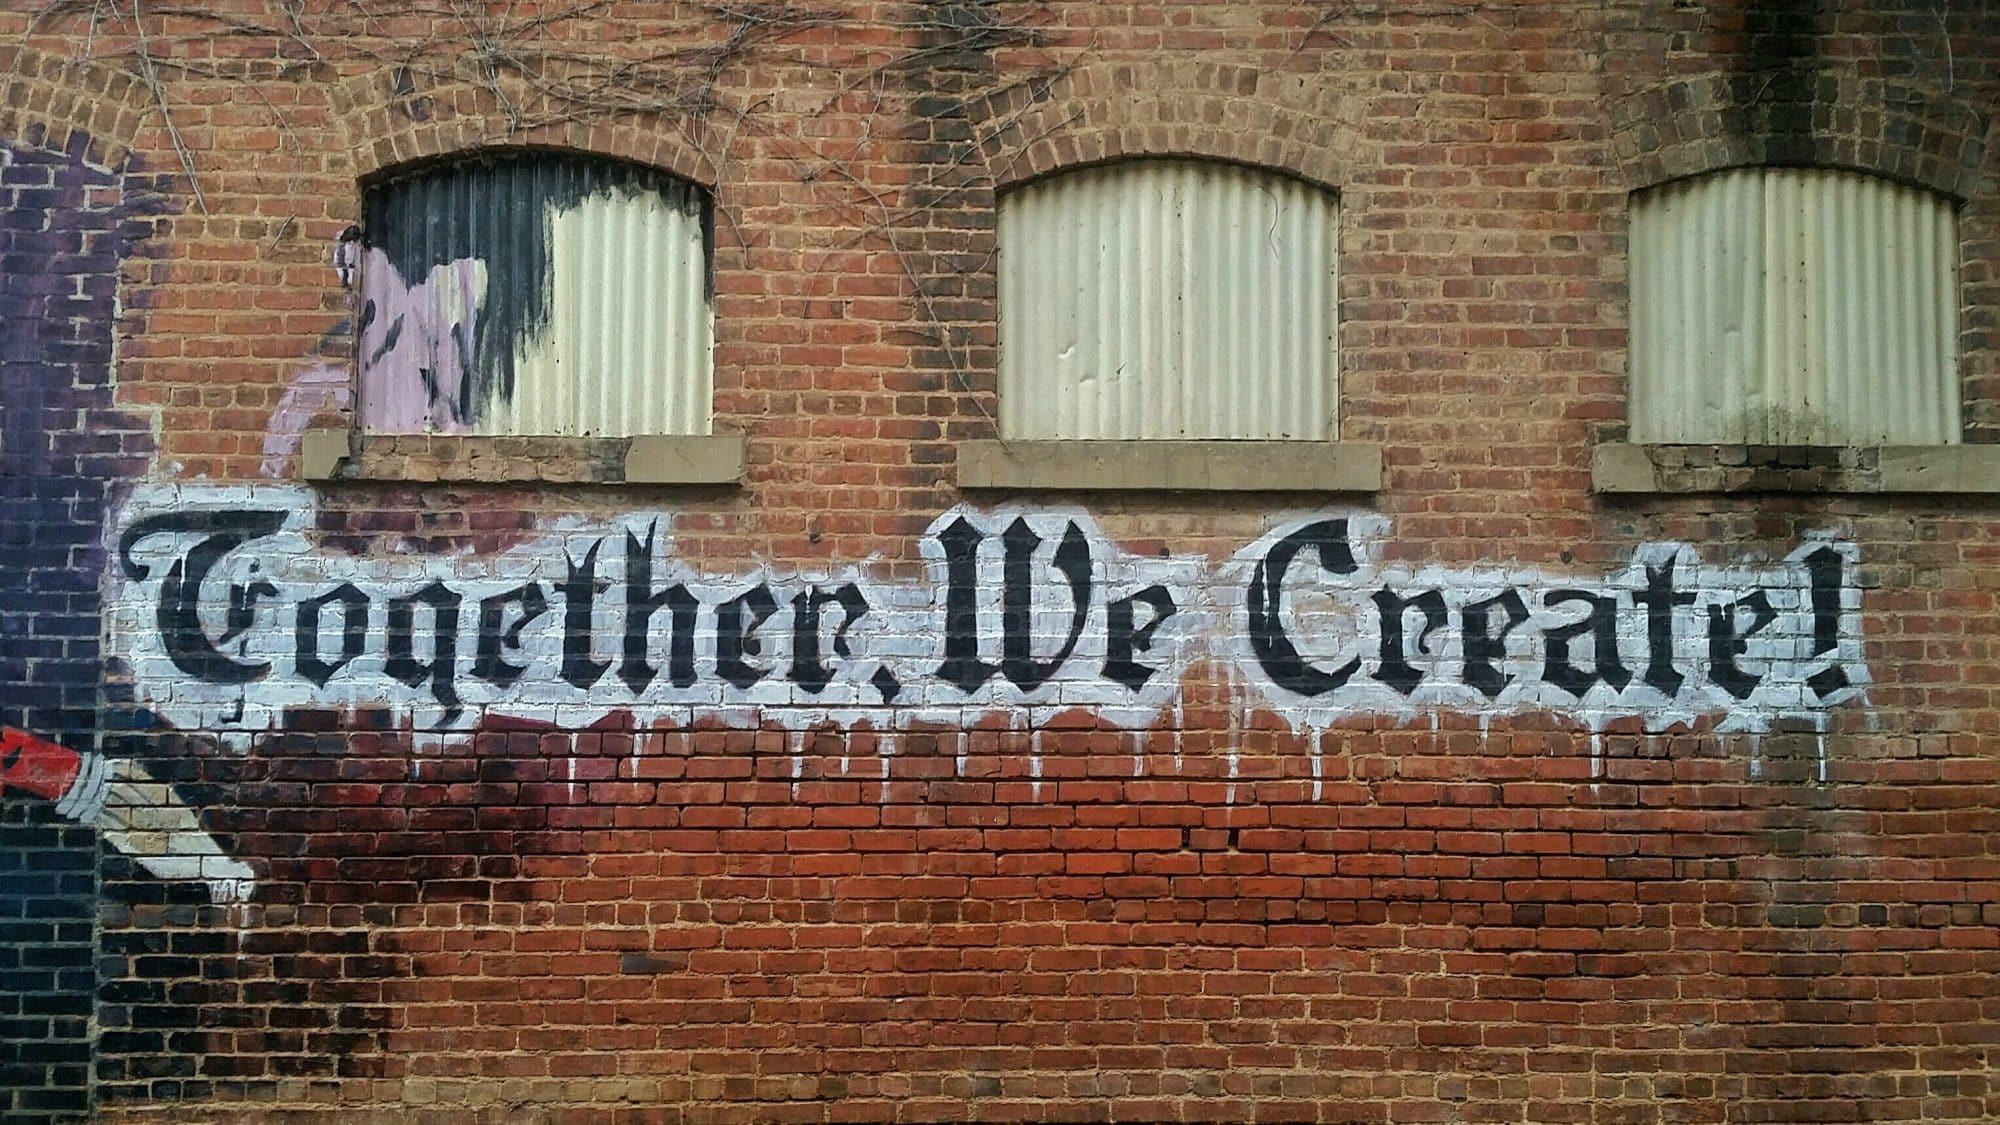 Co-creation, ideas